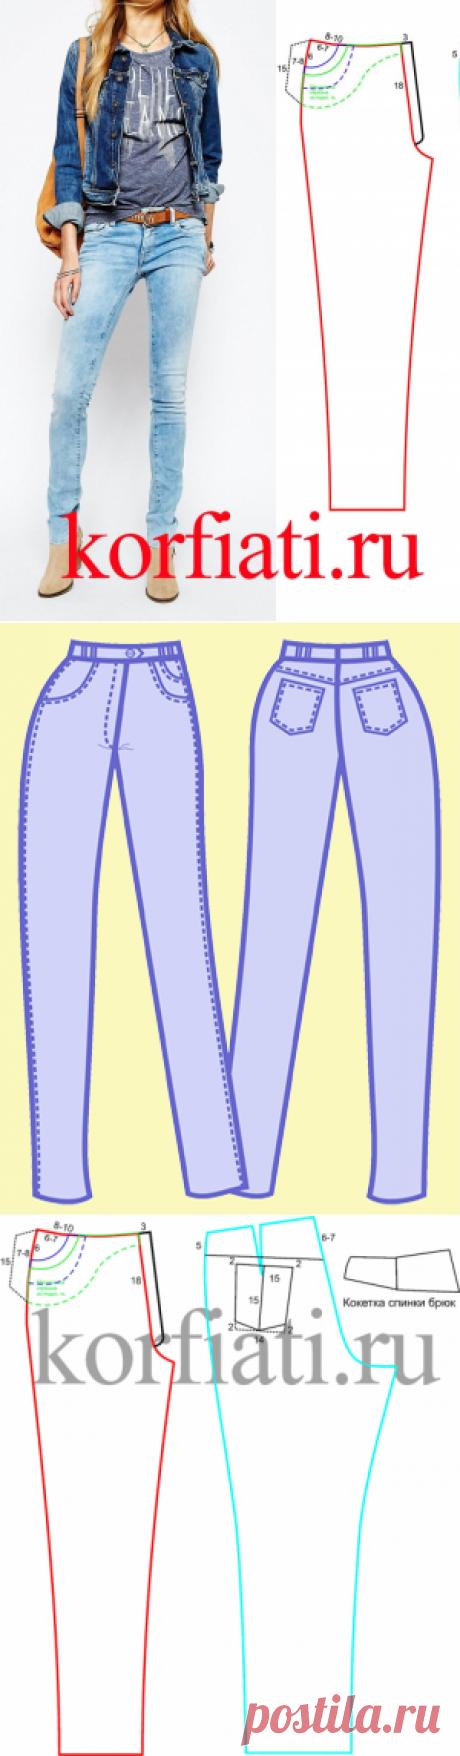 Выкройка джинсовых брюк от А. Корфиати